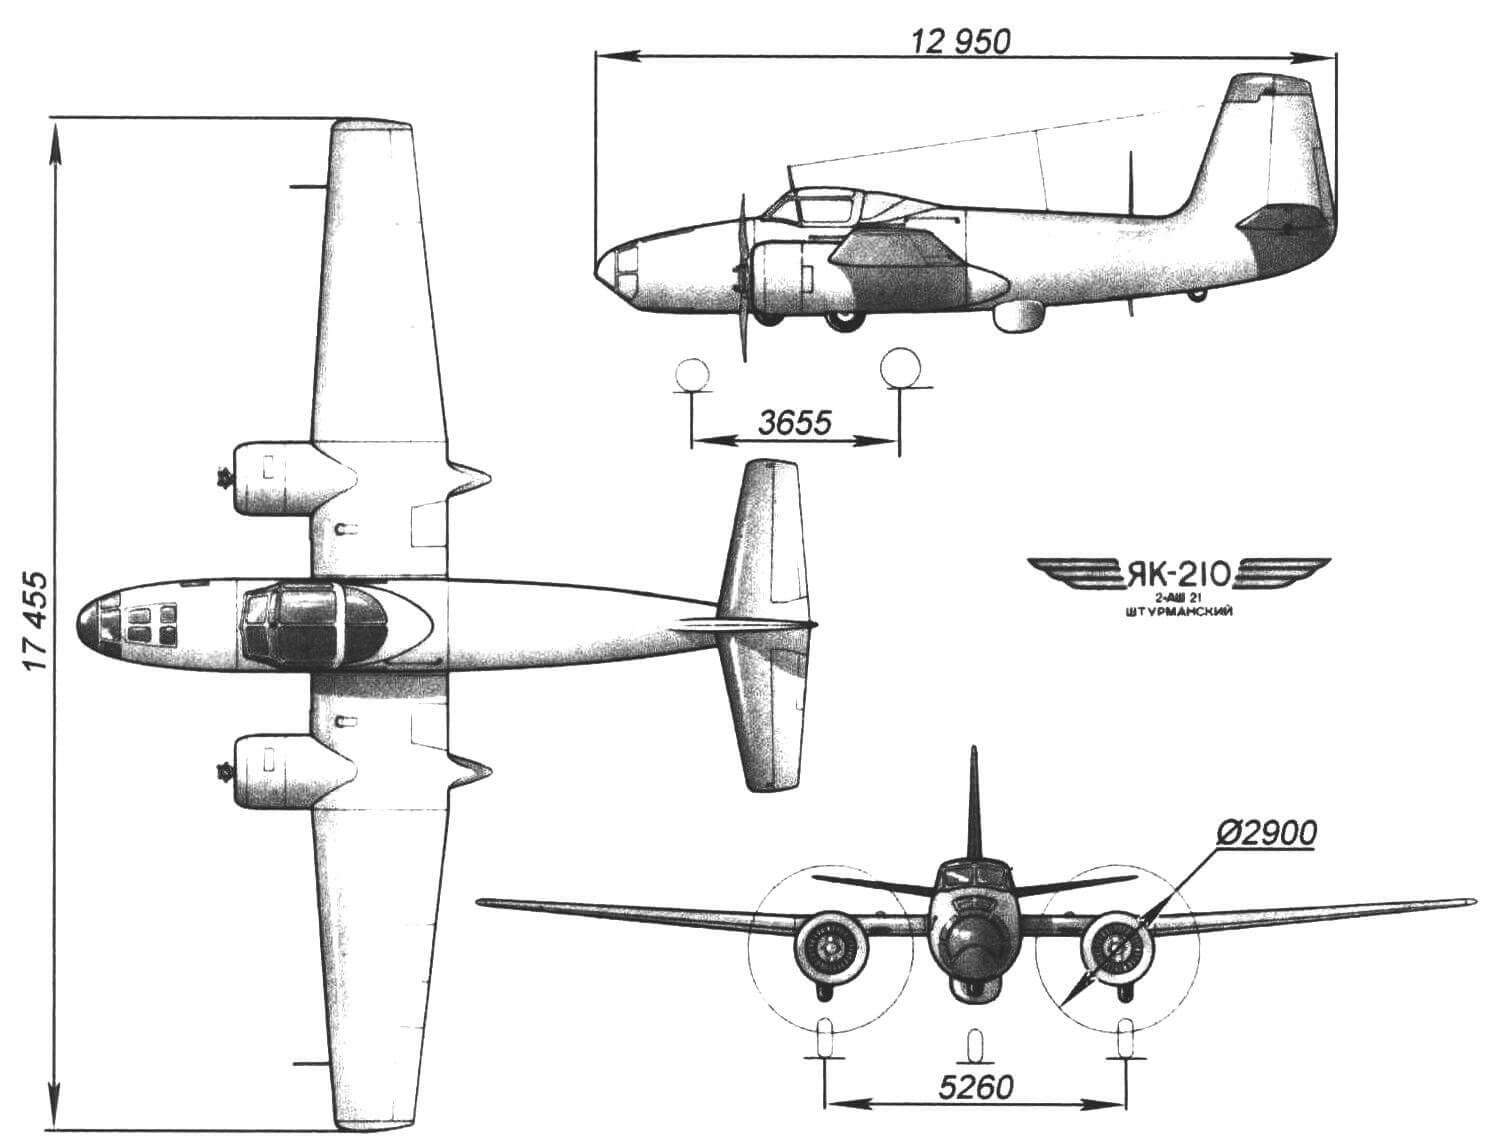 Общий вид первого варианта УТБ Як-210